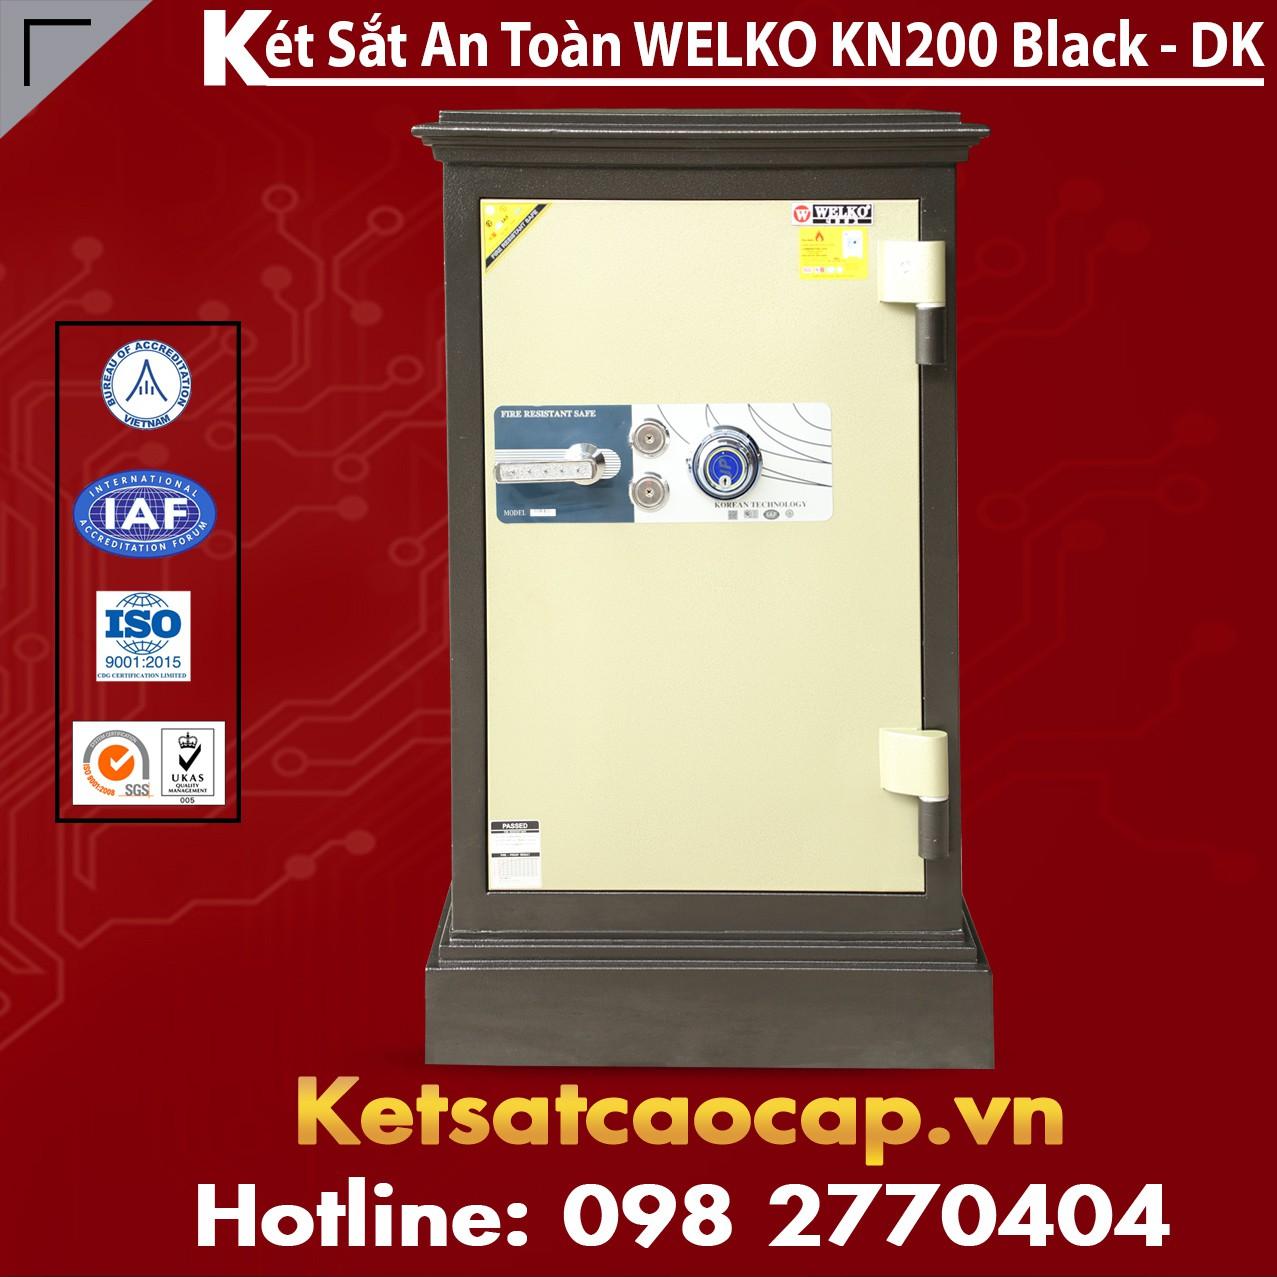 Két Sắt Chính Hãng WELKO KN200 Black - DK